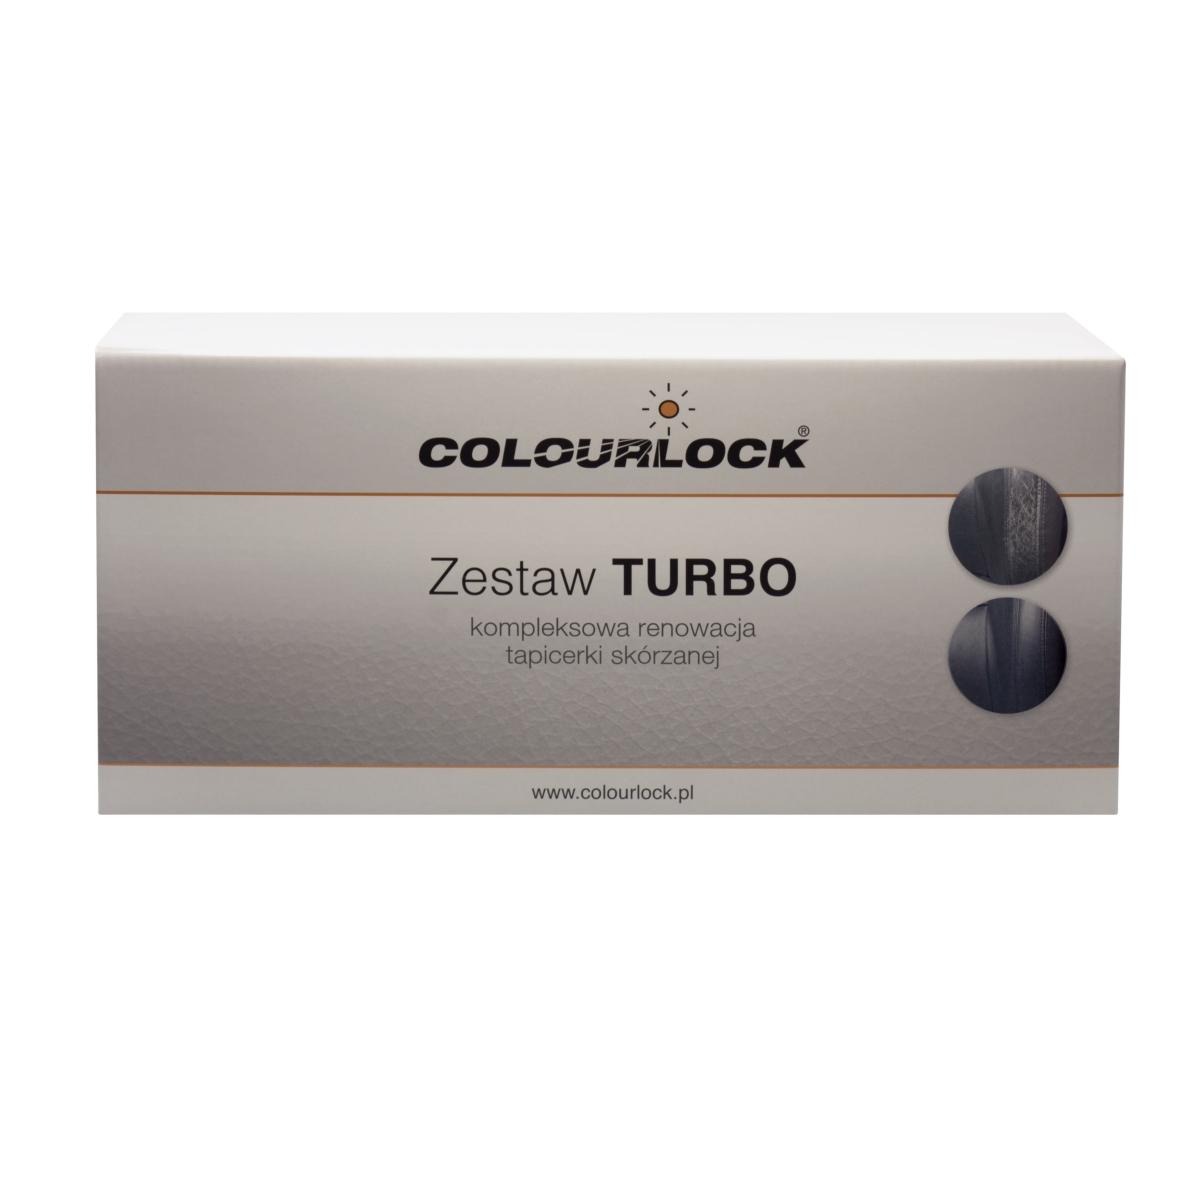 Zestaw TURBO czarny Colourlock renowacja skór tapicerek kierownicy